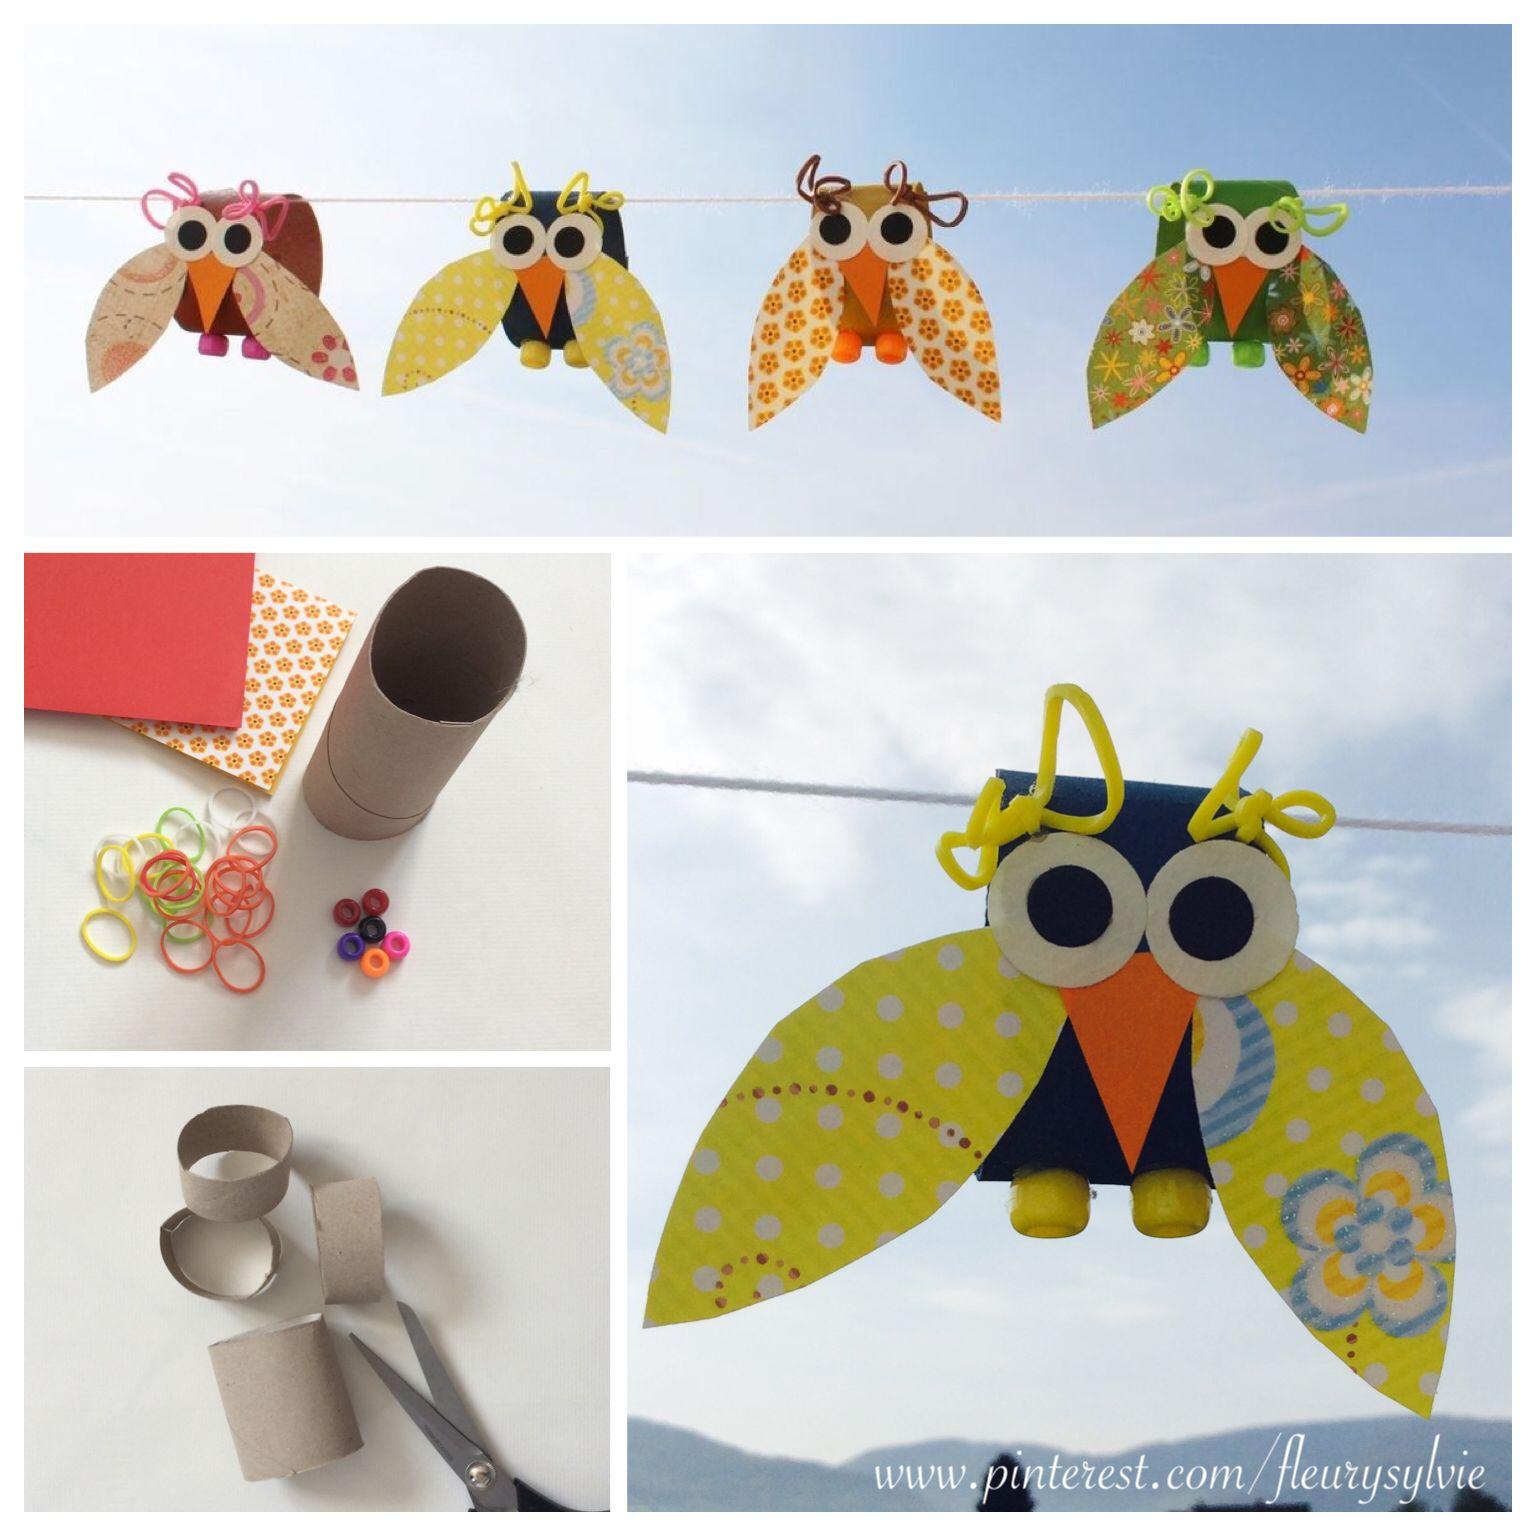 Bricolage enfant petits oiseaux avec rouleau papier wc et rainbow loom - Bricolage papier toilette ...